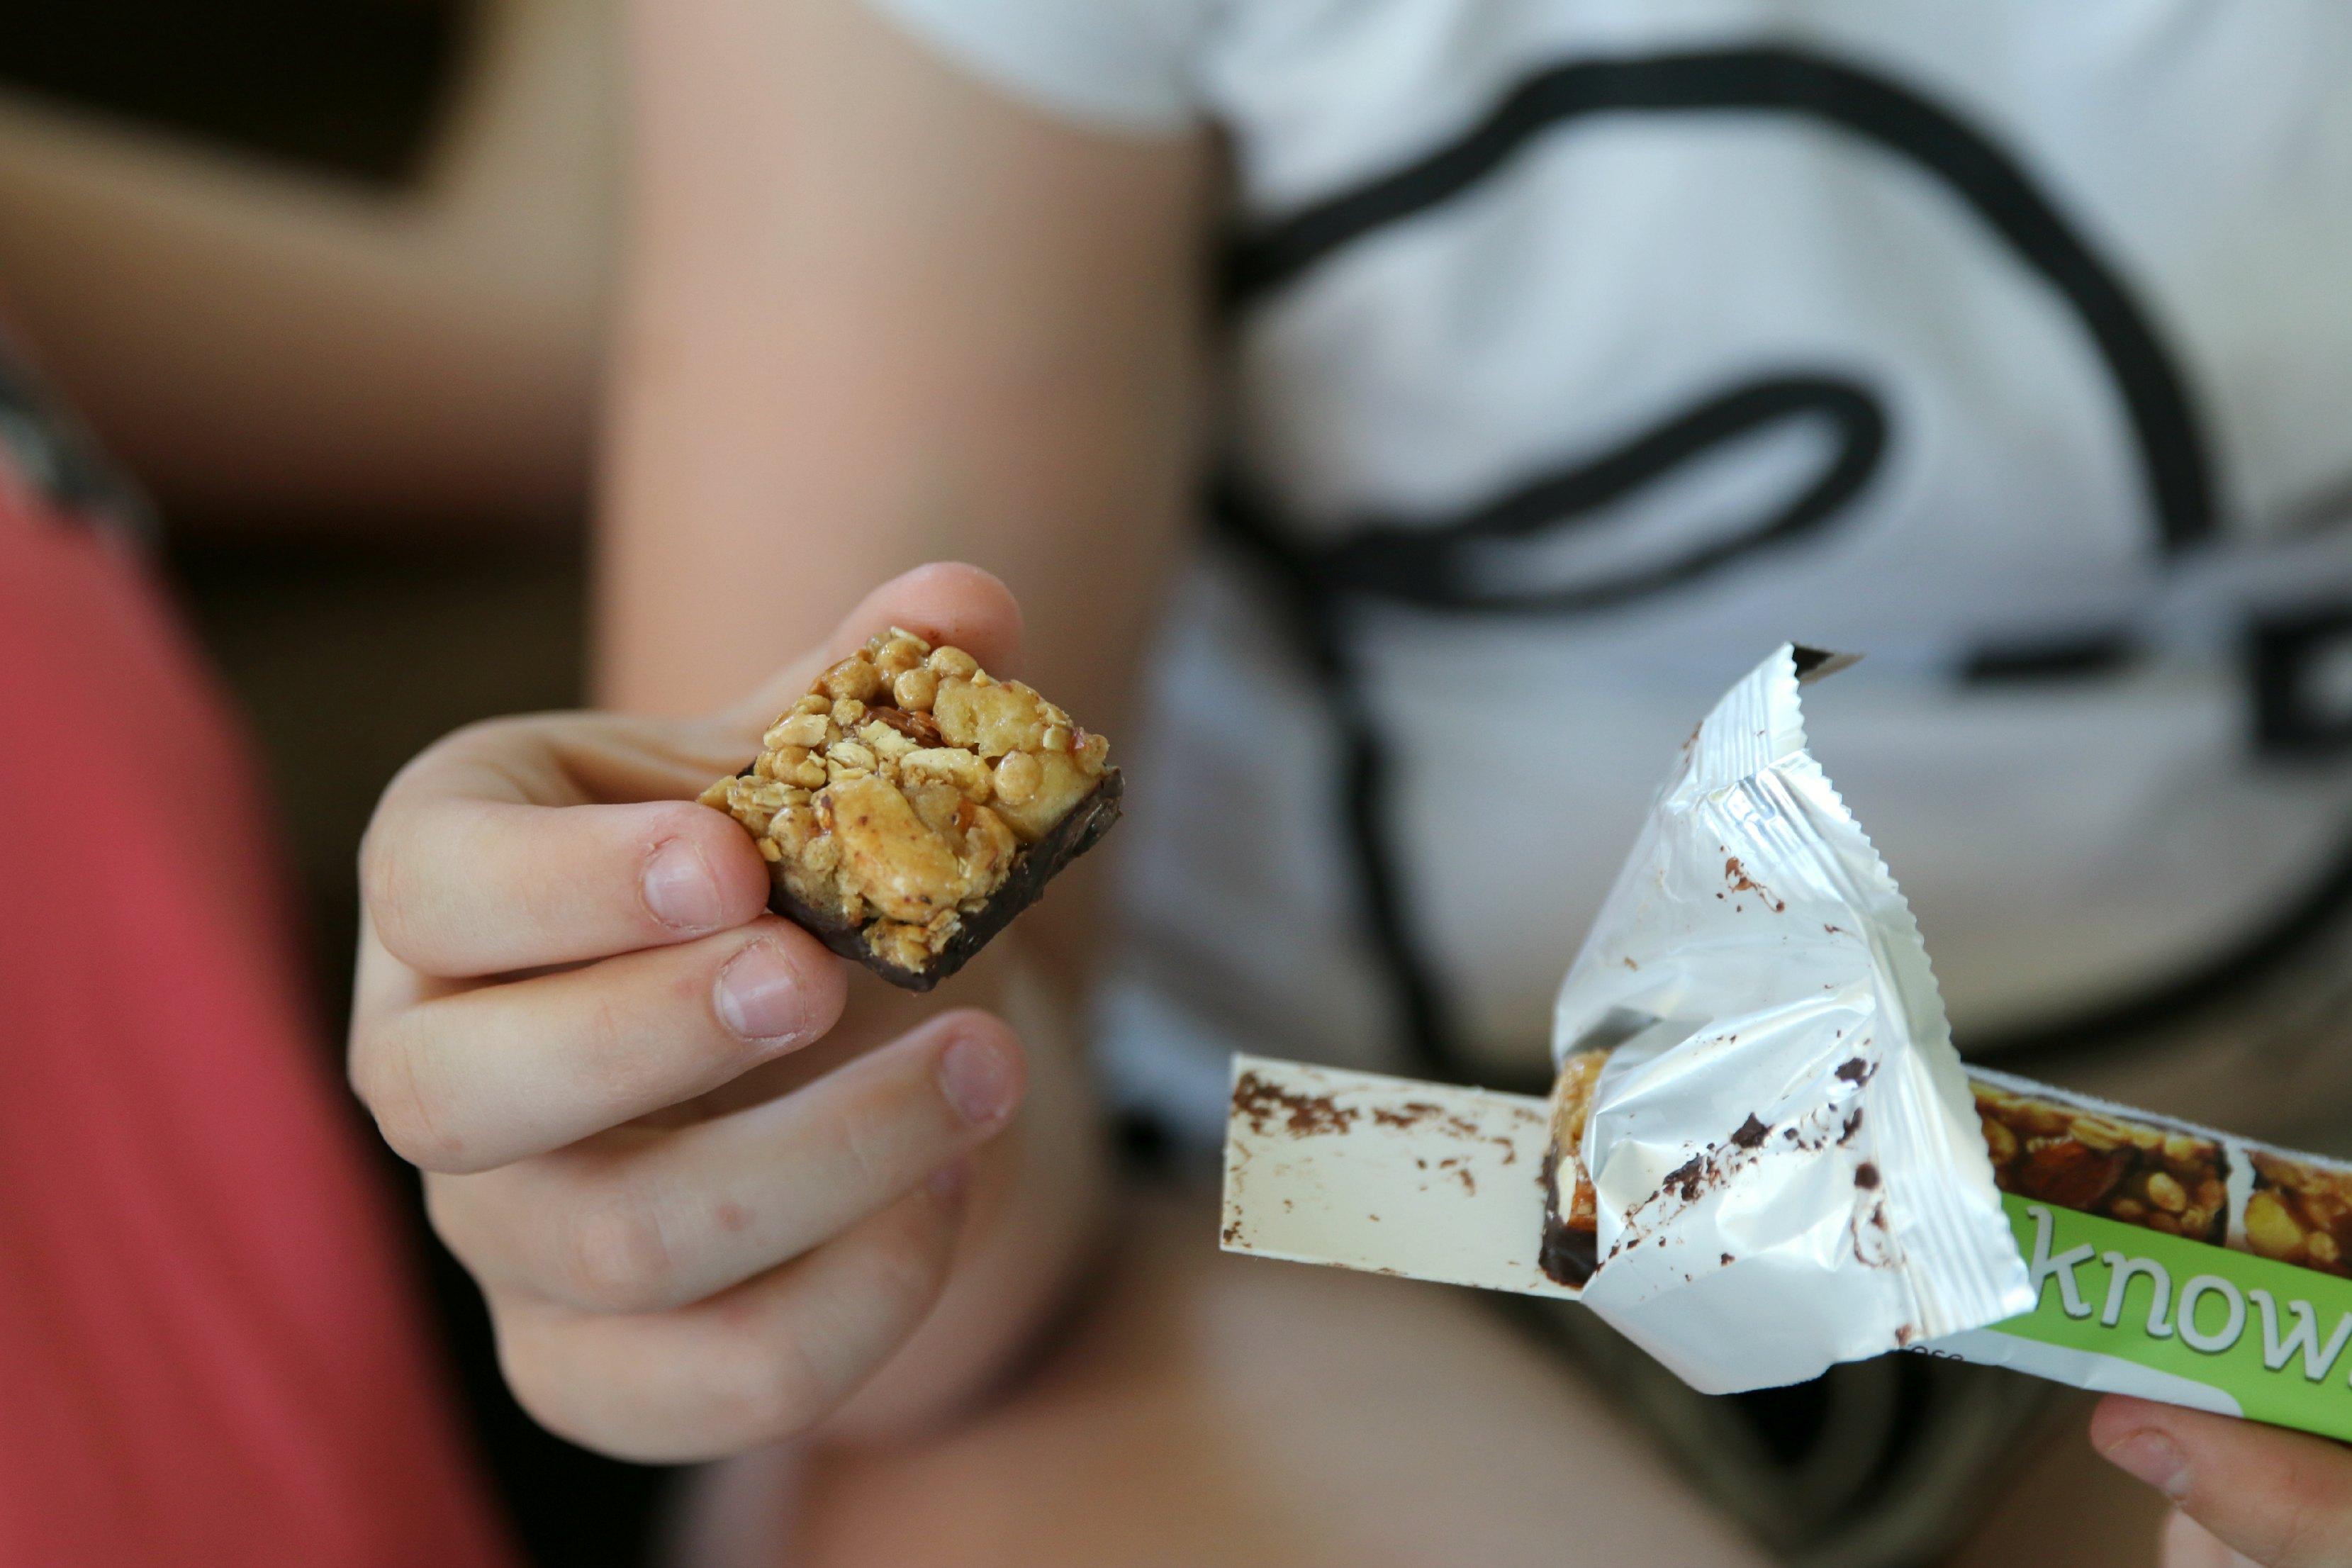 goodness knows snacks